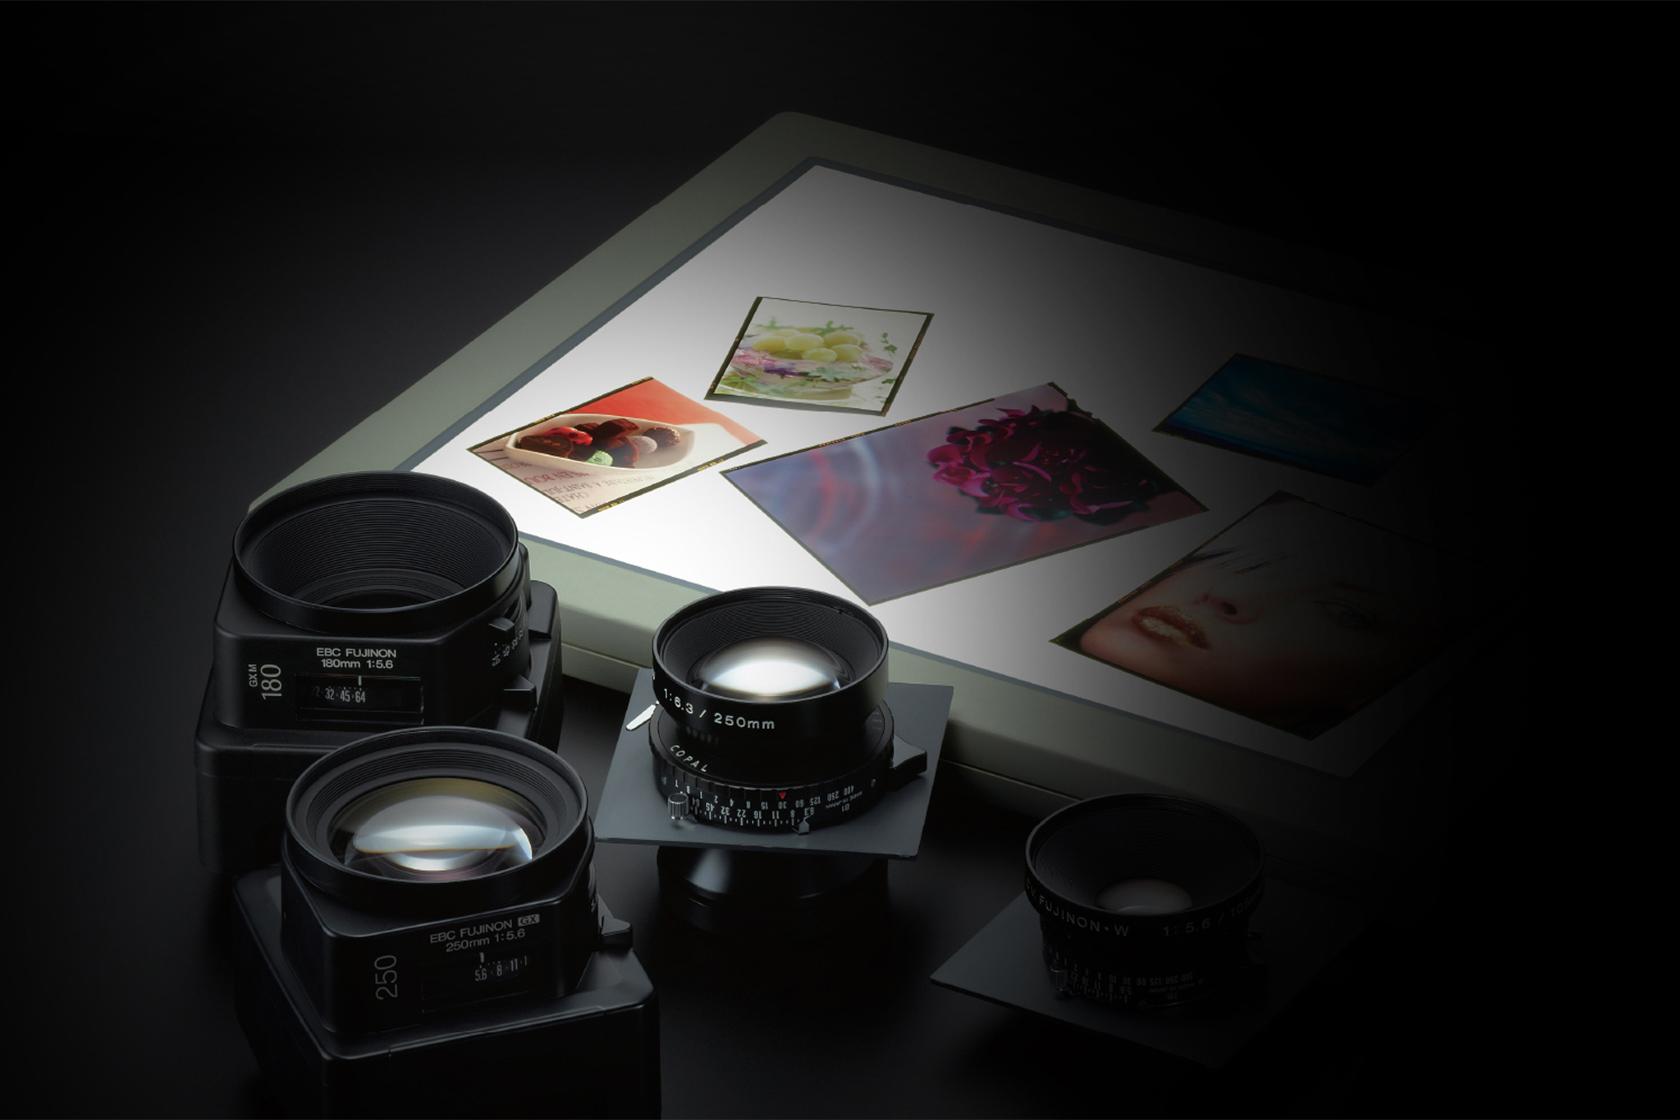 [ภาพ] เลนส์ระบบ GFX ของ Fujifilm ที่จัดเรียงไว้ที่มีภาพปะติดอยู่ในกรอบภาพ